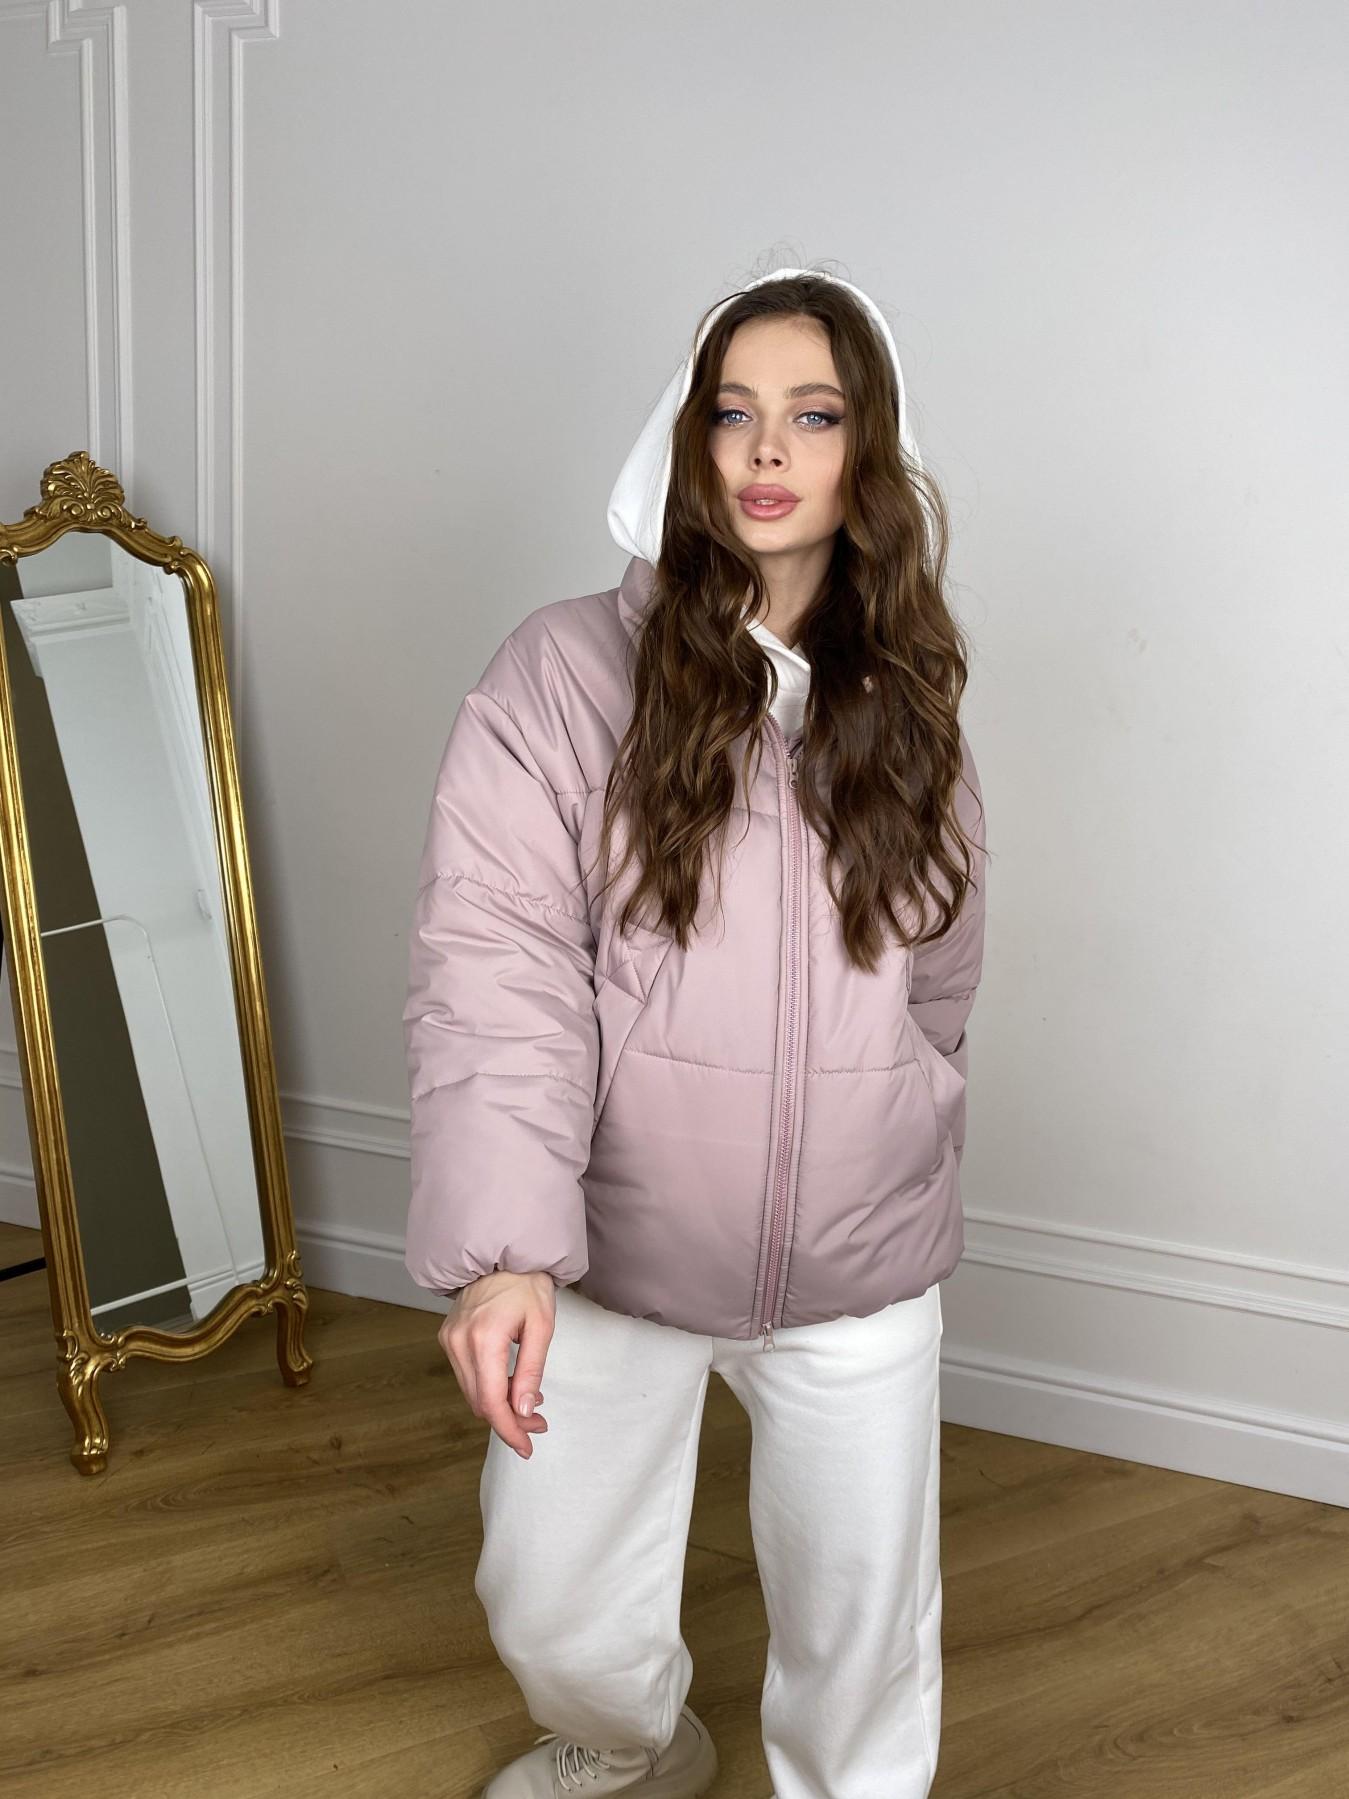 Муд куртка из плащевой ткани 10509 АРТ. 46917 Цвет: Пудра - фото 2, интернет магазин tm-modus.ru